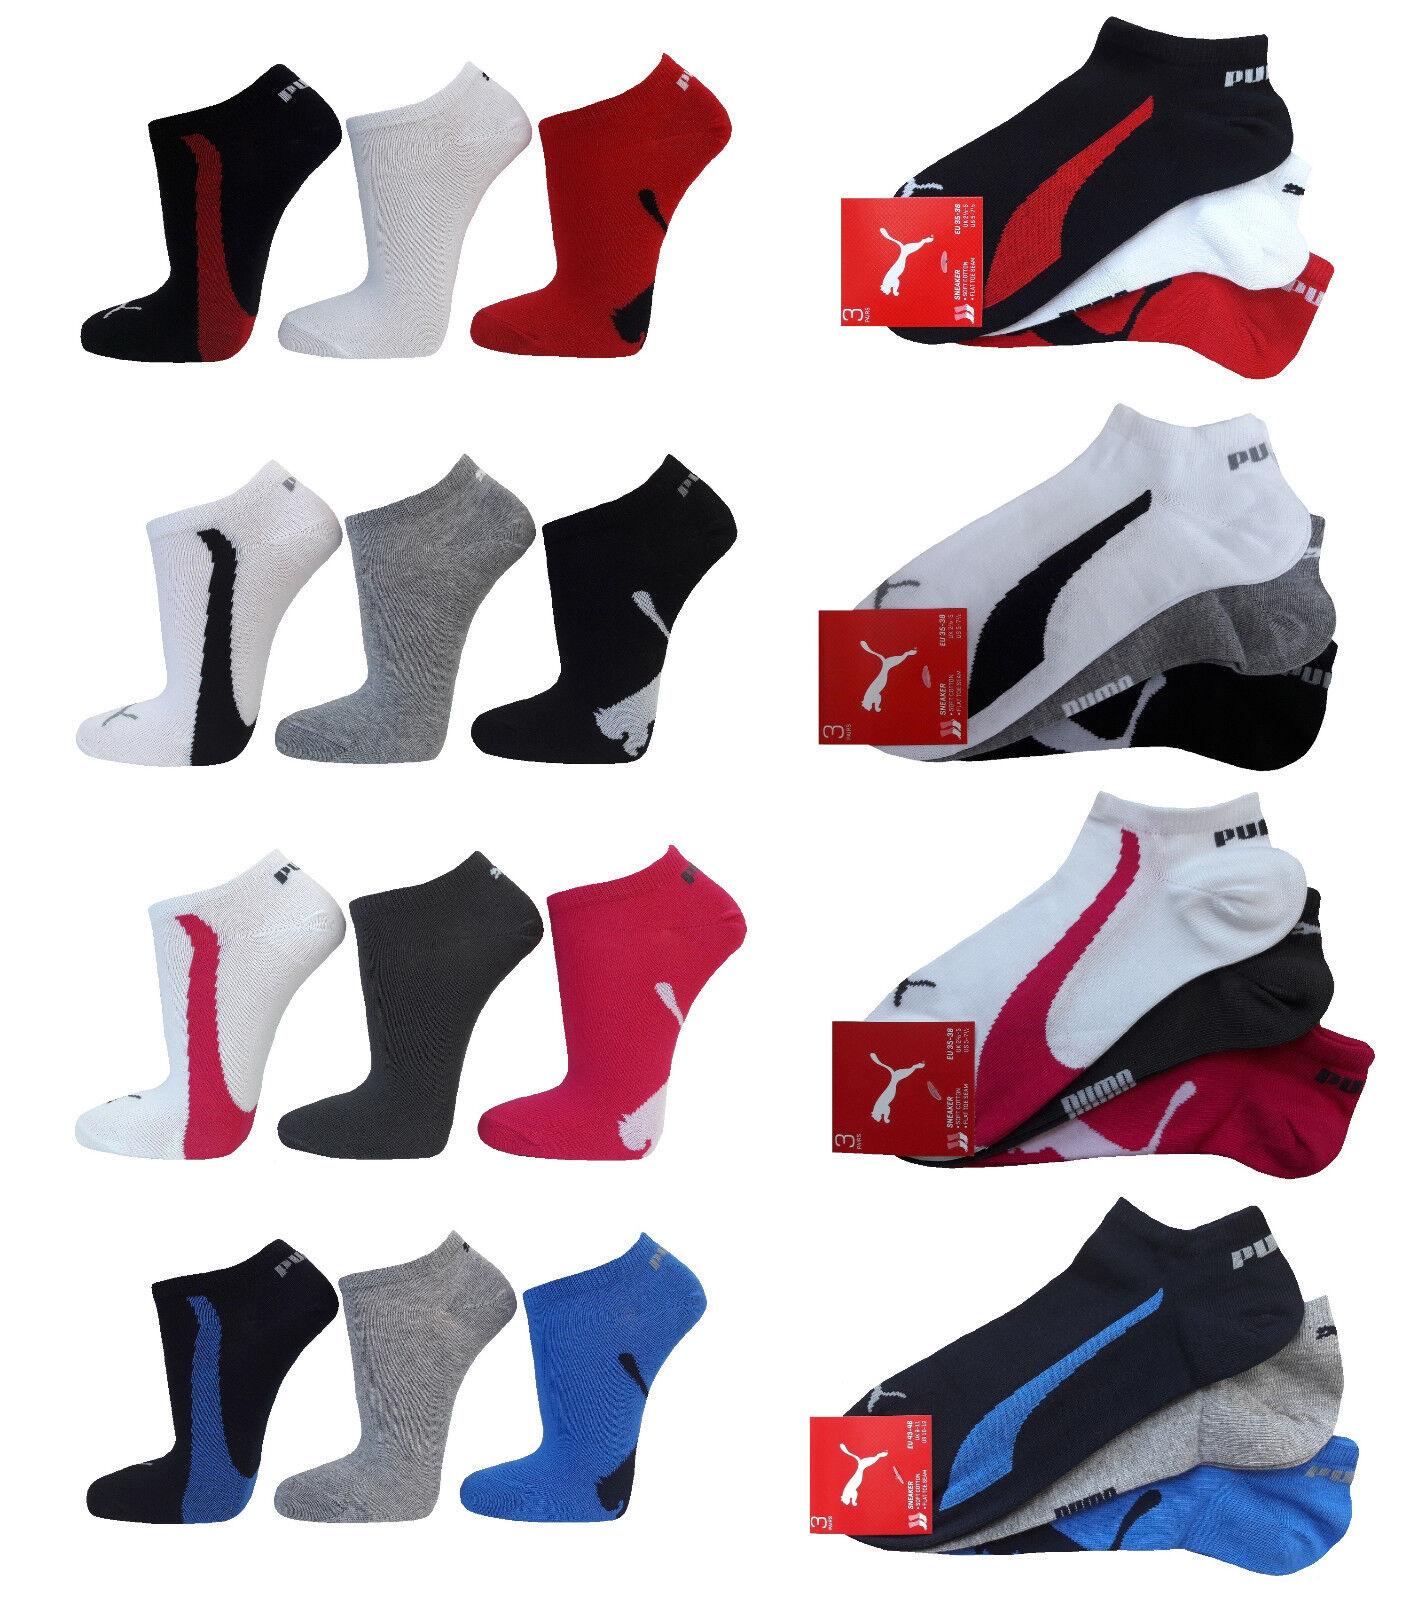 PUMA Lifestyle Sneakersocken Füßlinge - Baumwoll Sneaker Socken Herren & Damen